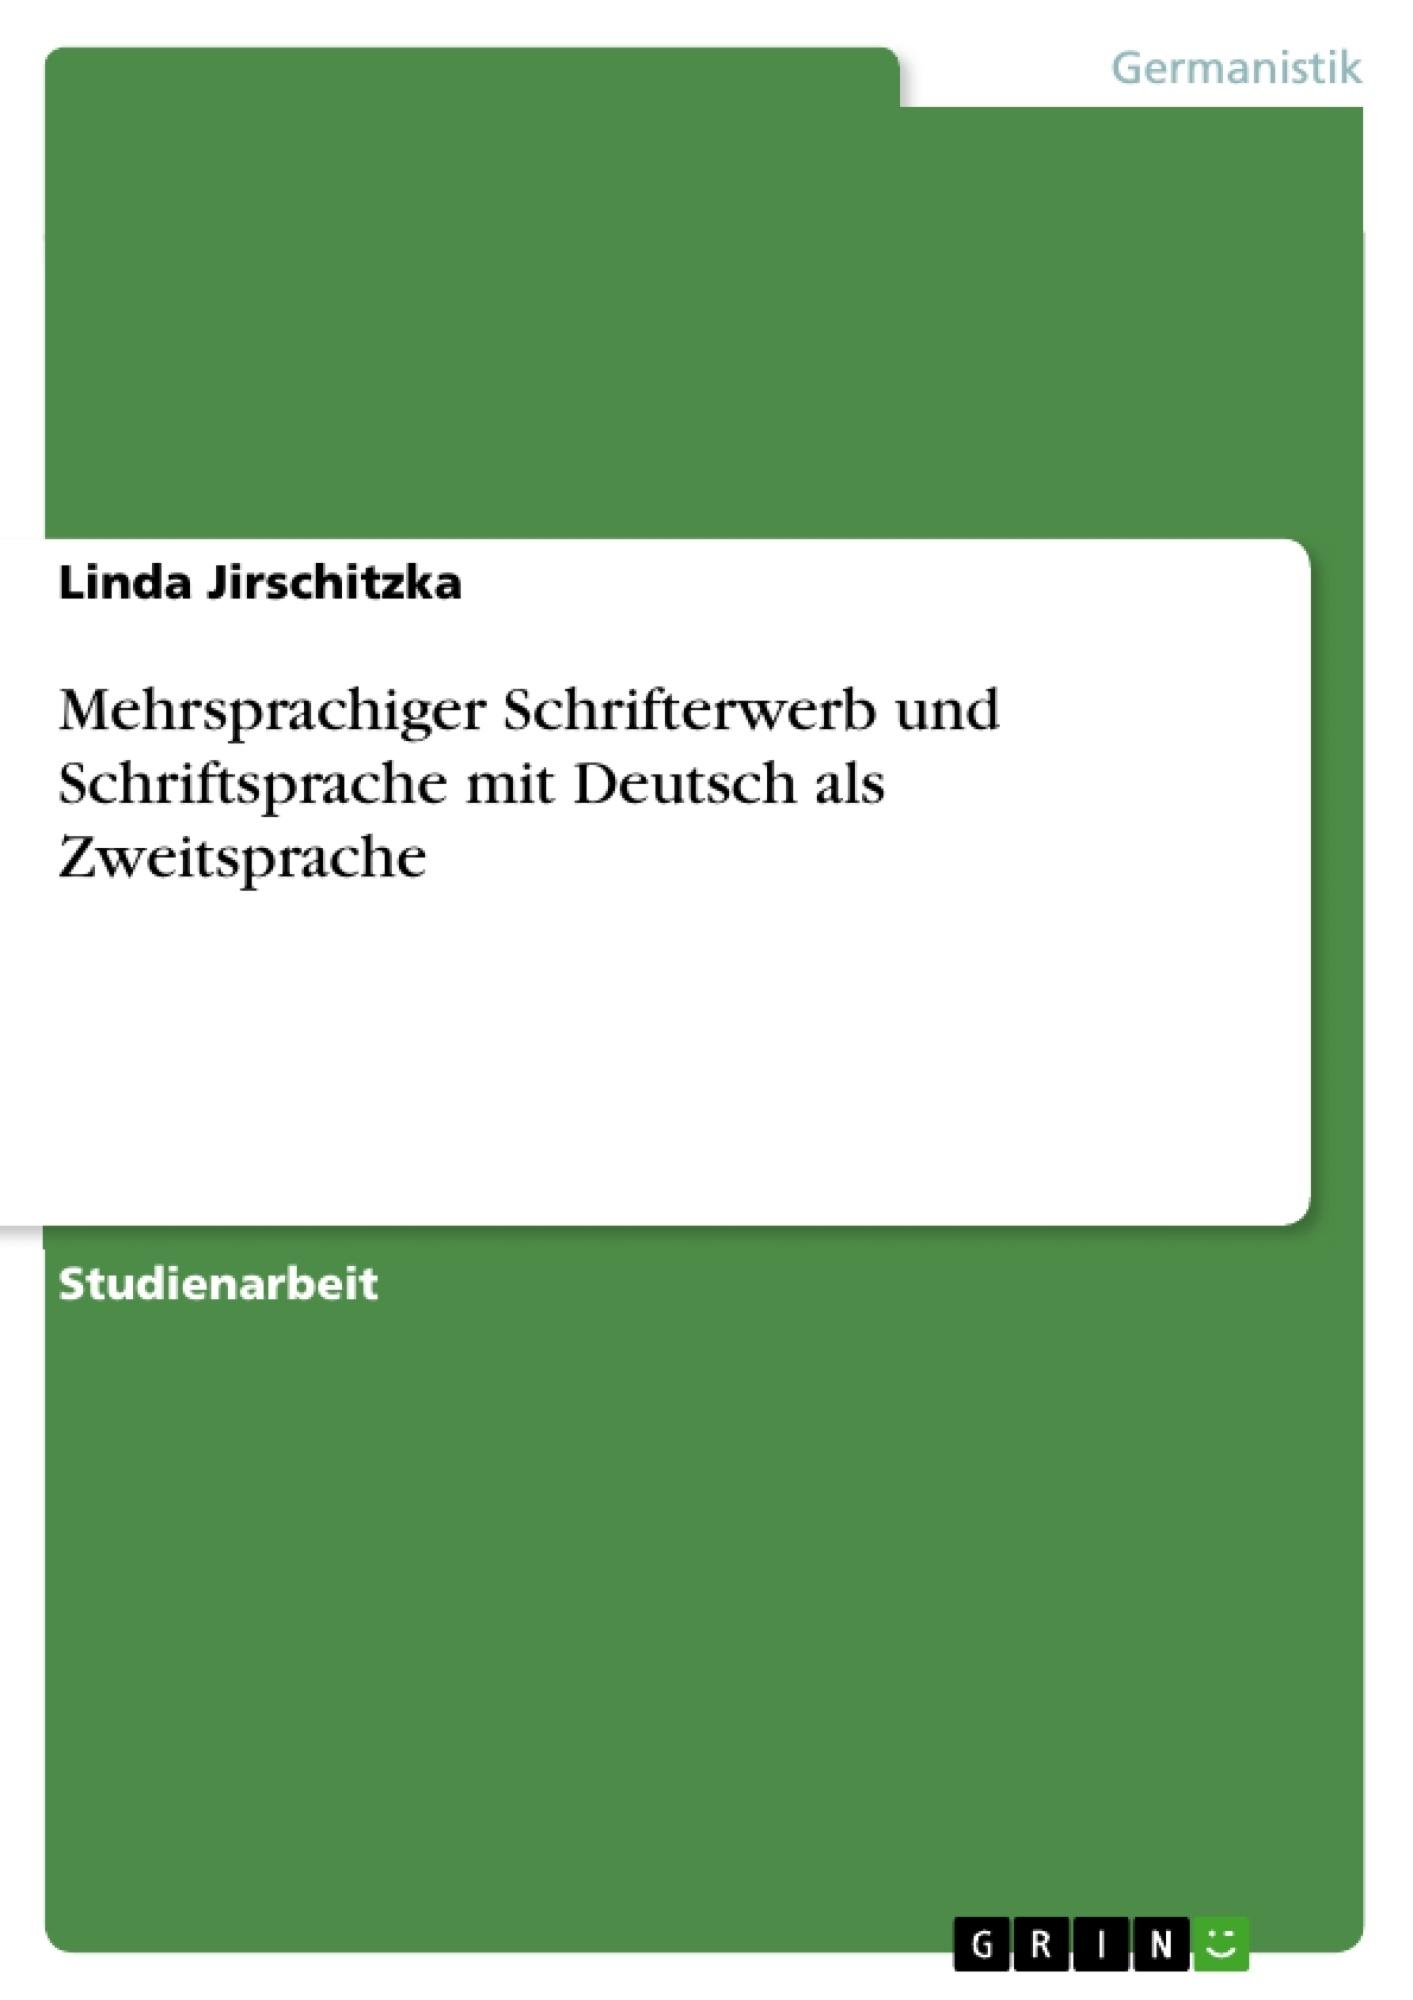 Titel: Mehrsprachiger Schrifterwerb und Schriftsprache mit Deutsch als Zweitsprache